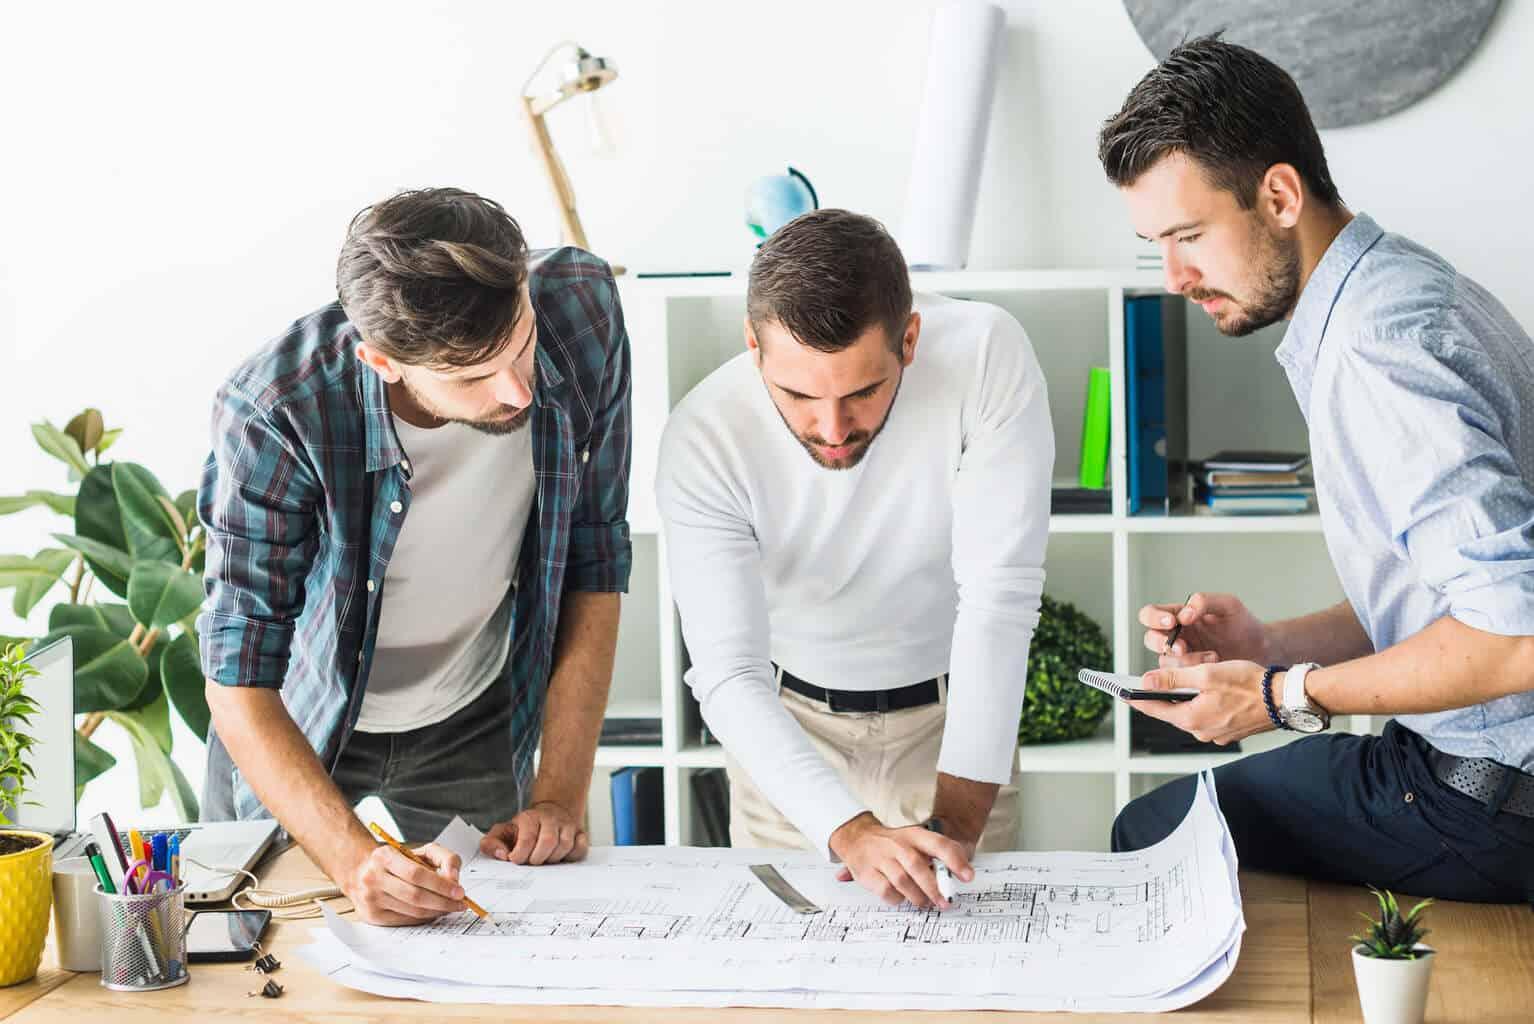 Arquitectura etérea: mostrar el avance en procesos de render y diseño